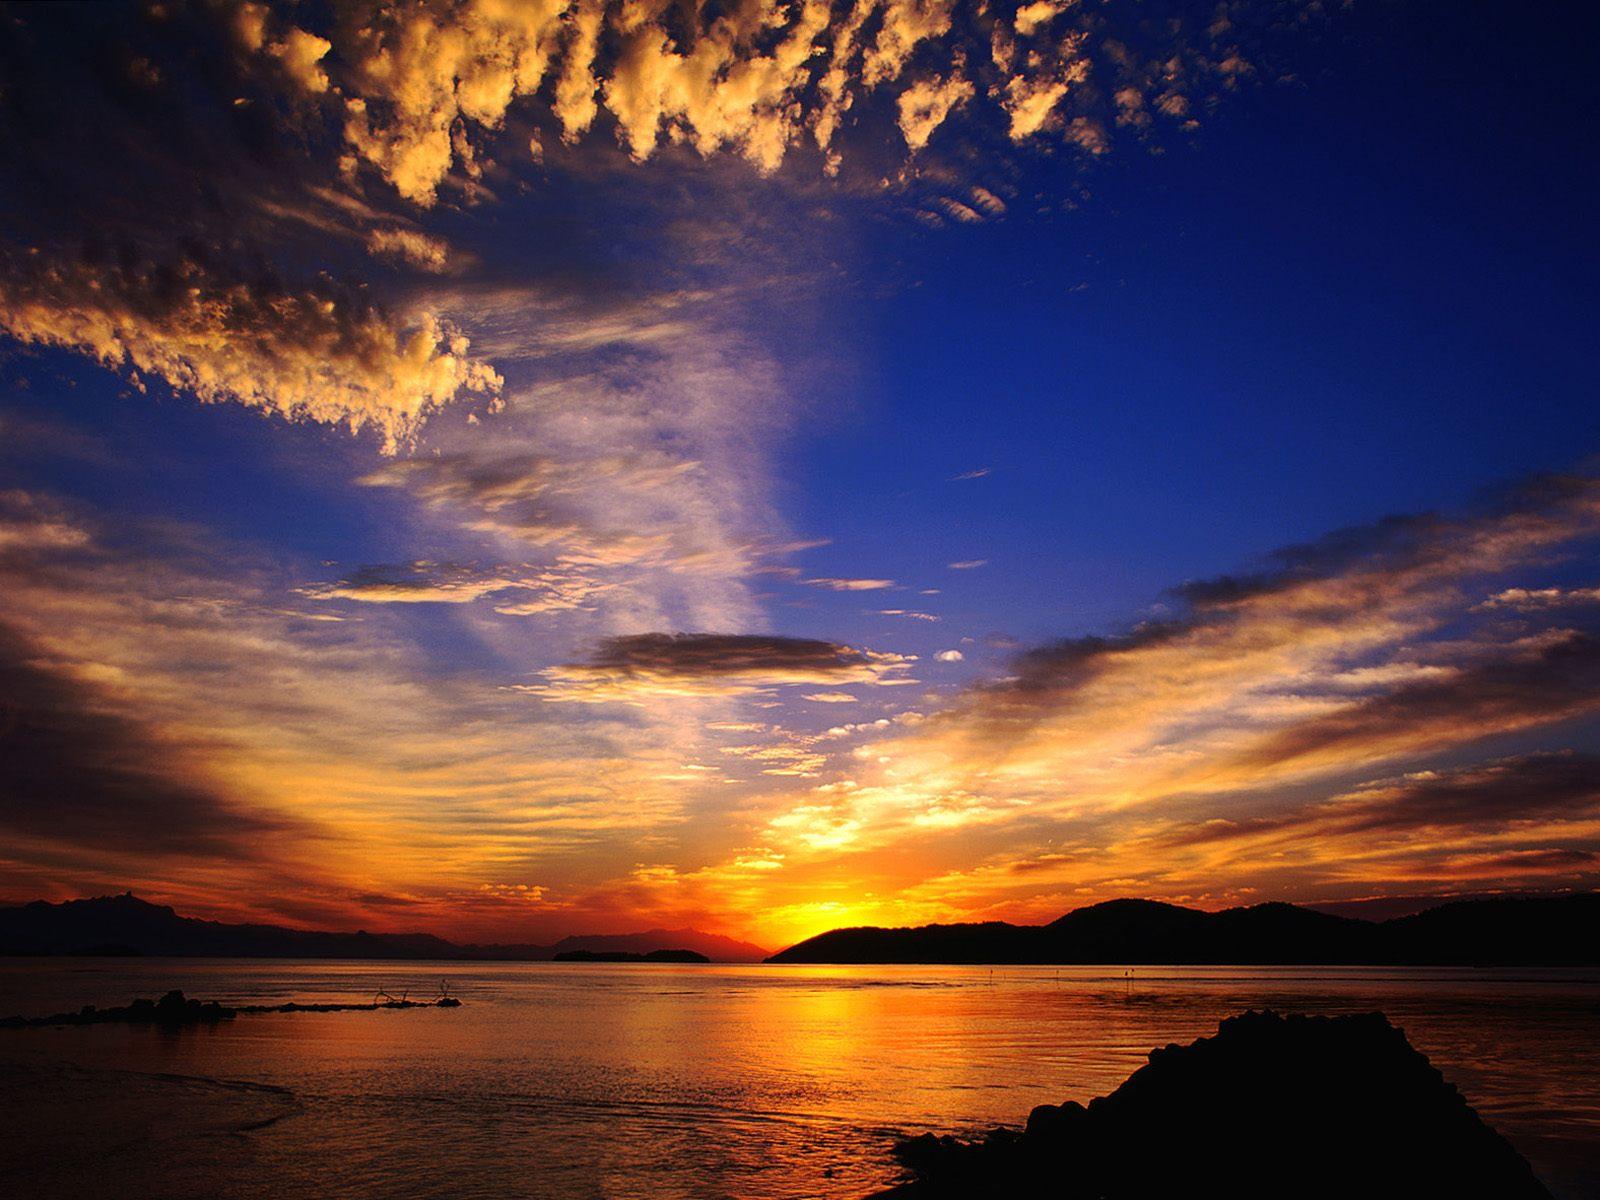 http://4.bp.blogspot.com/_2IU2Nt4rD1k/TC416nmla3I/AAAAAAAABzE/8i1N4hdE888/s1600/sunset_wallpaper.jpg